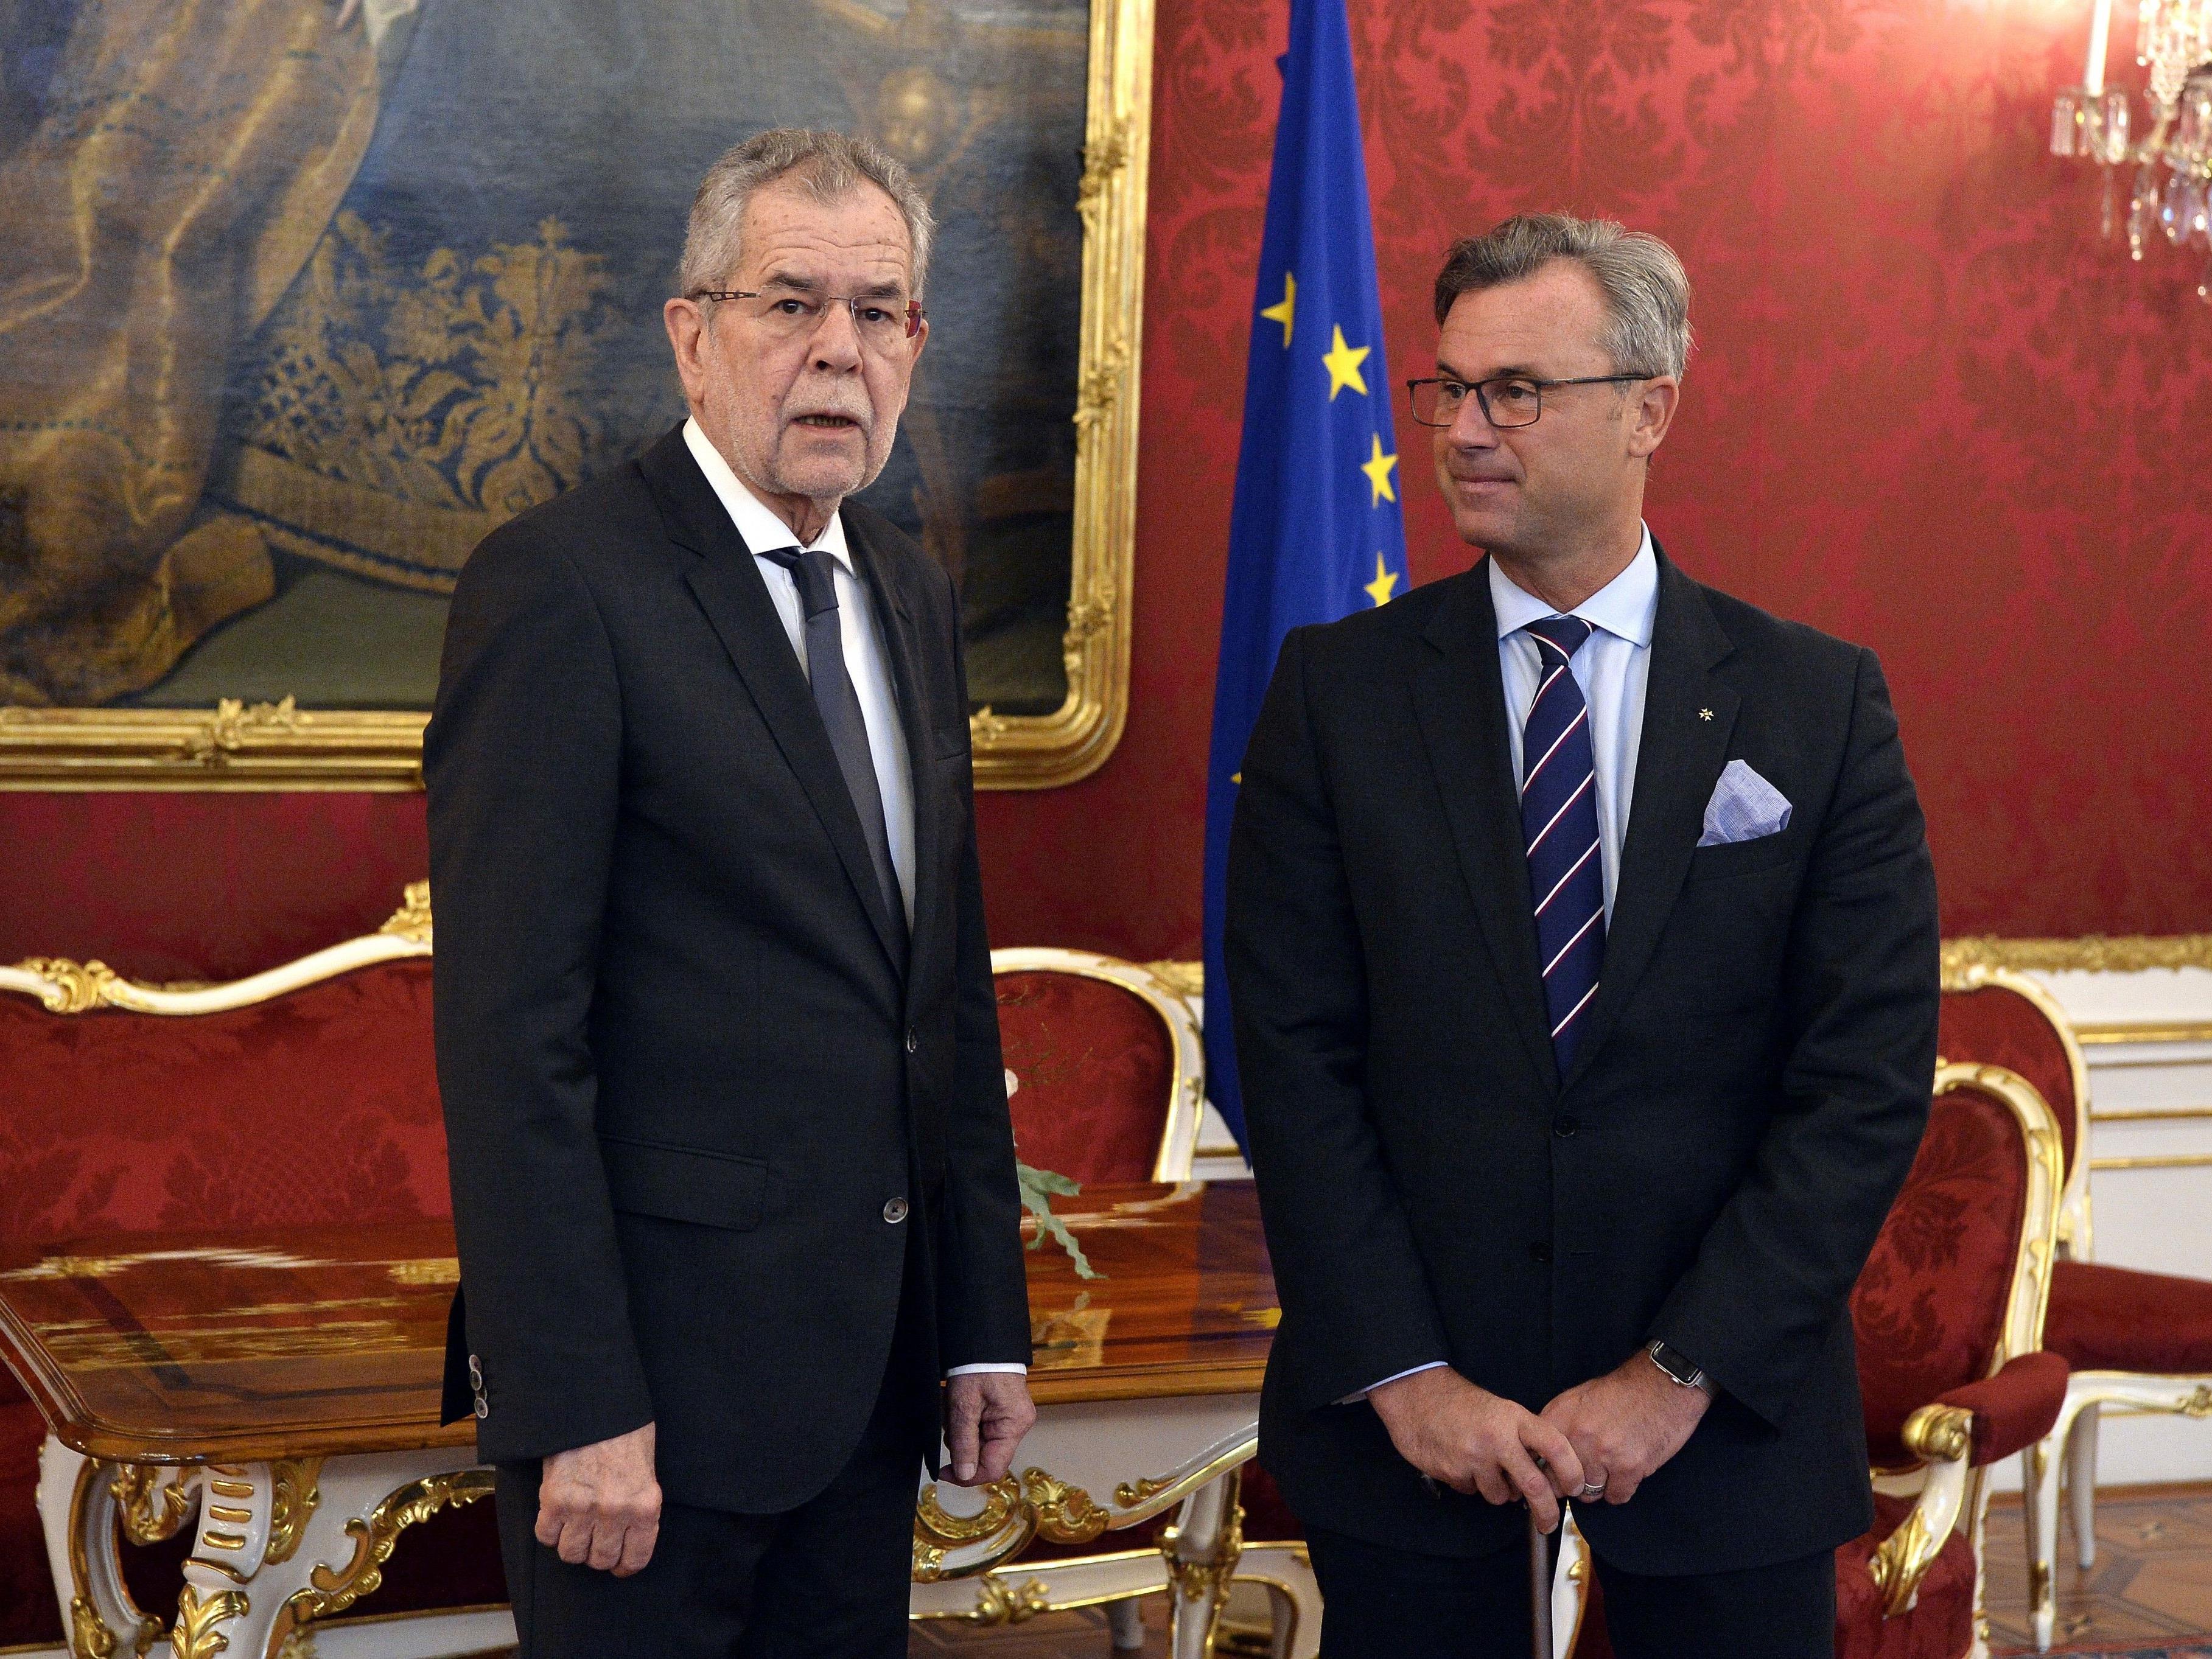 Bundespräsident Alexander Van der Bellen (l.) und der Dritte Nationalratspräsident Norbert Hofer (r.) im Rahmen des Gespräches